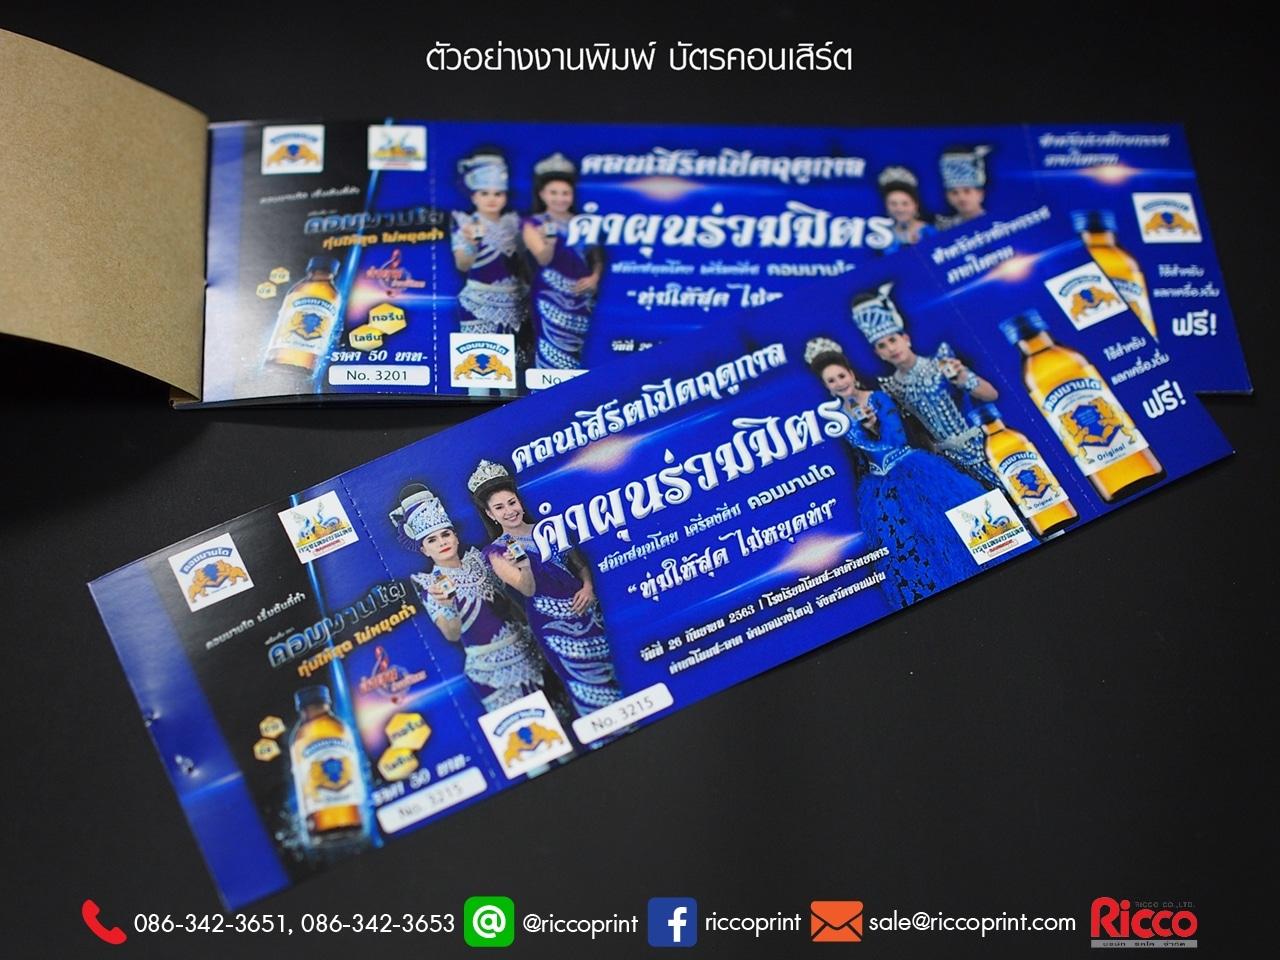 รูป Ticket 2020 KumPuanRuamMitra2 - ประกอบเนื้อหา คูปอง บัตรกำนัล ตั๋ว